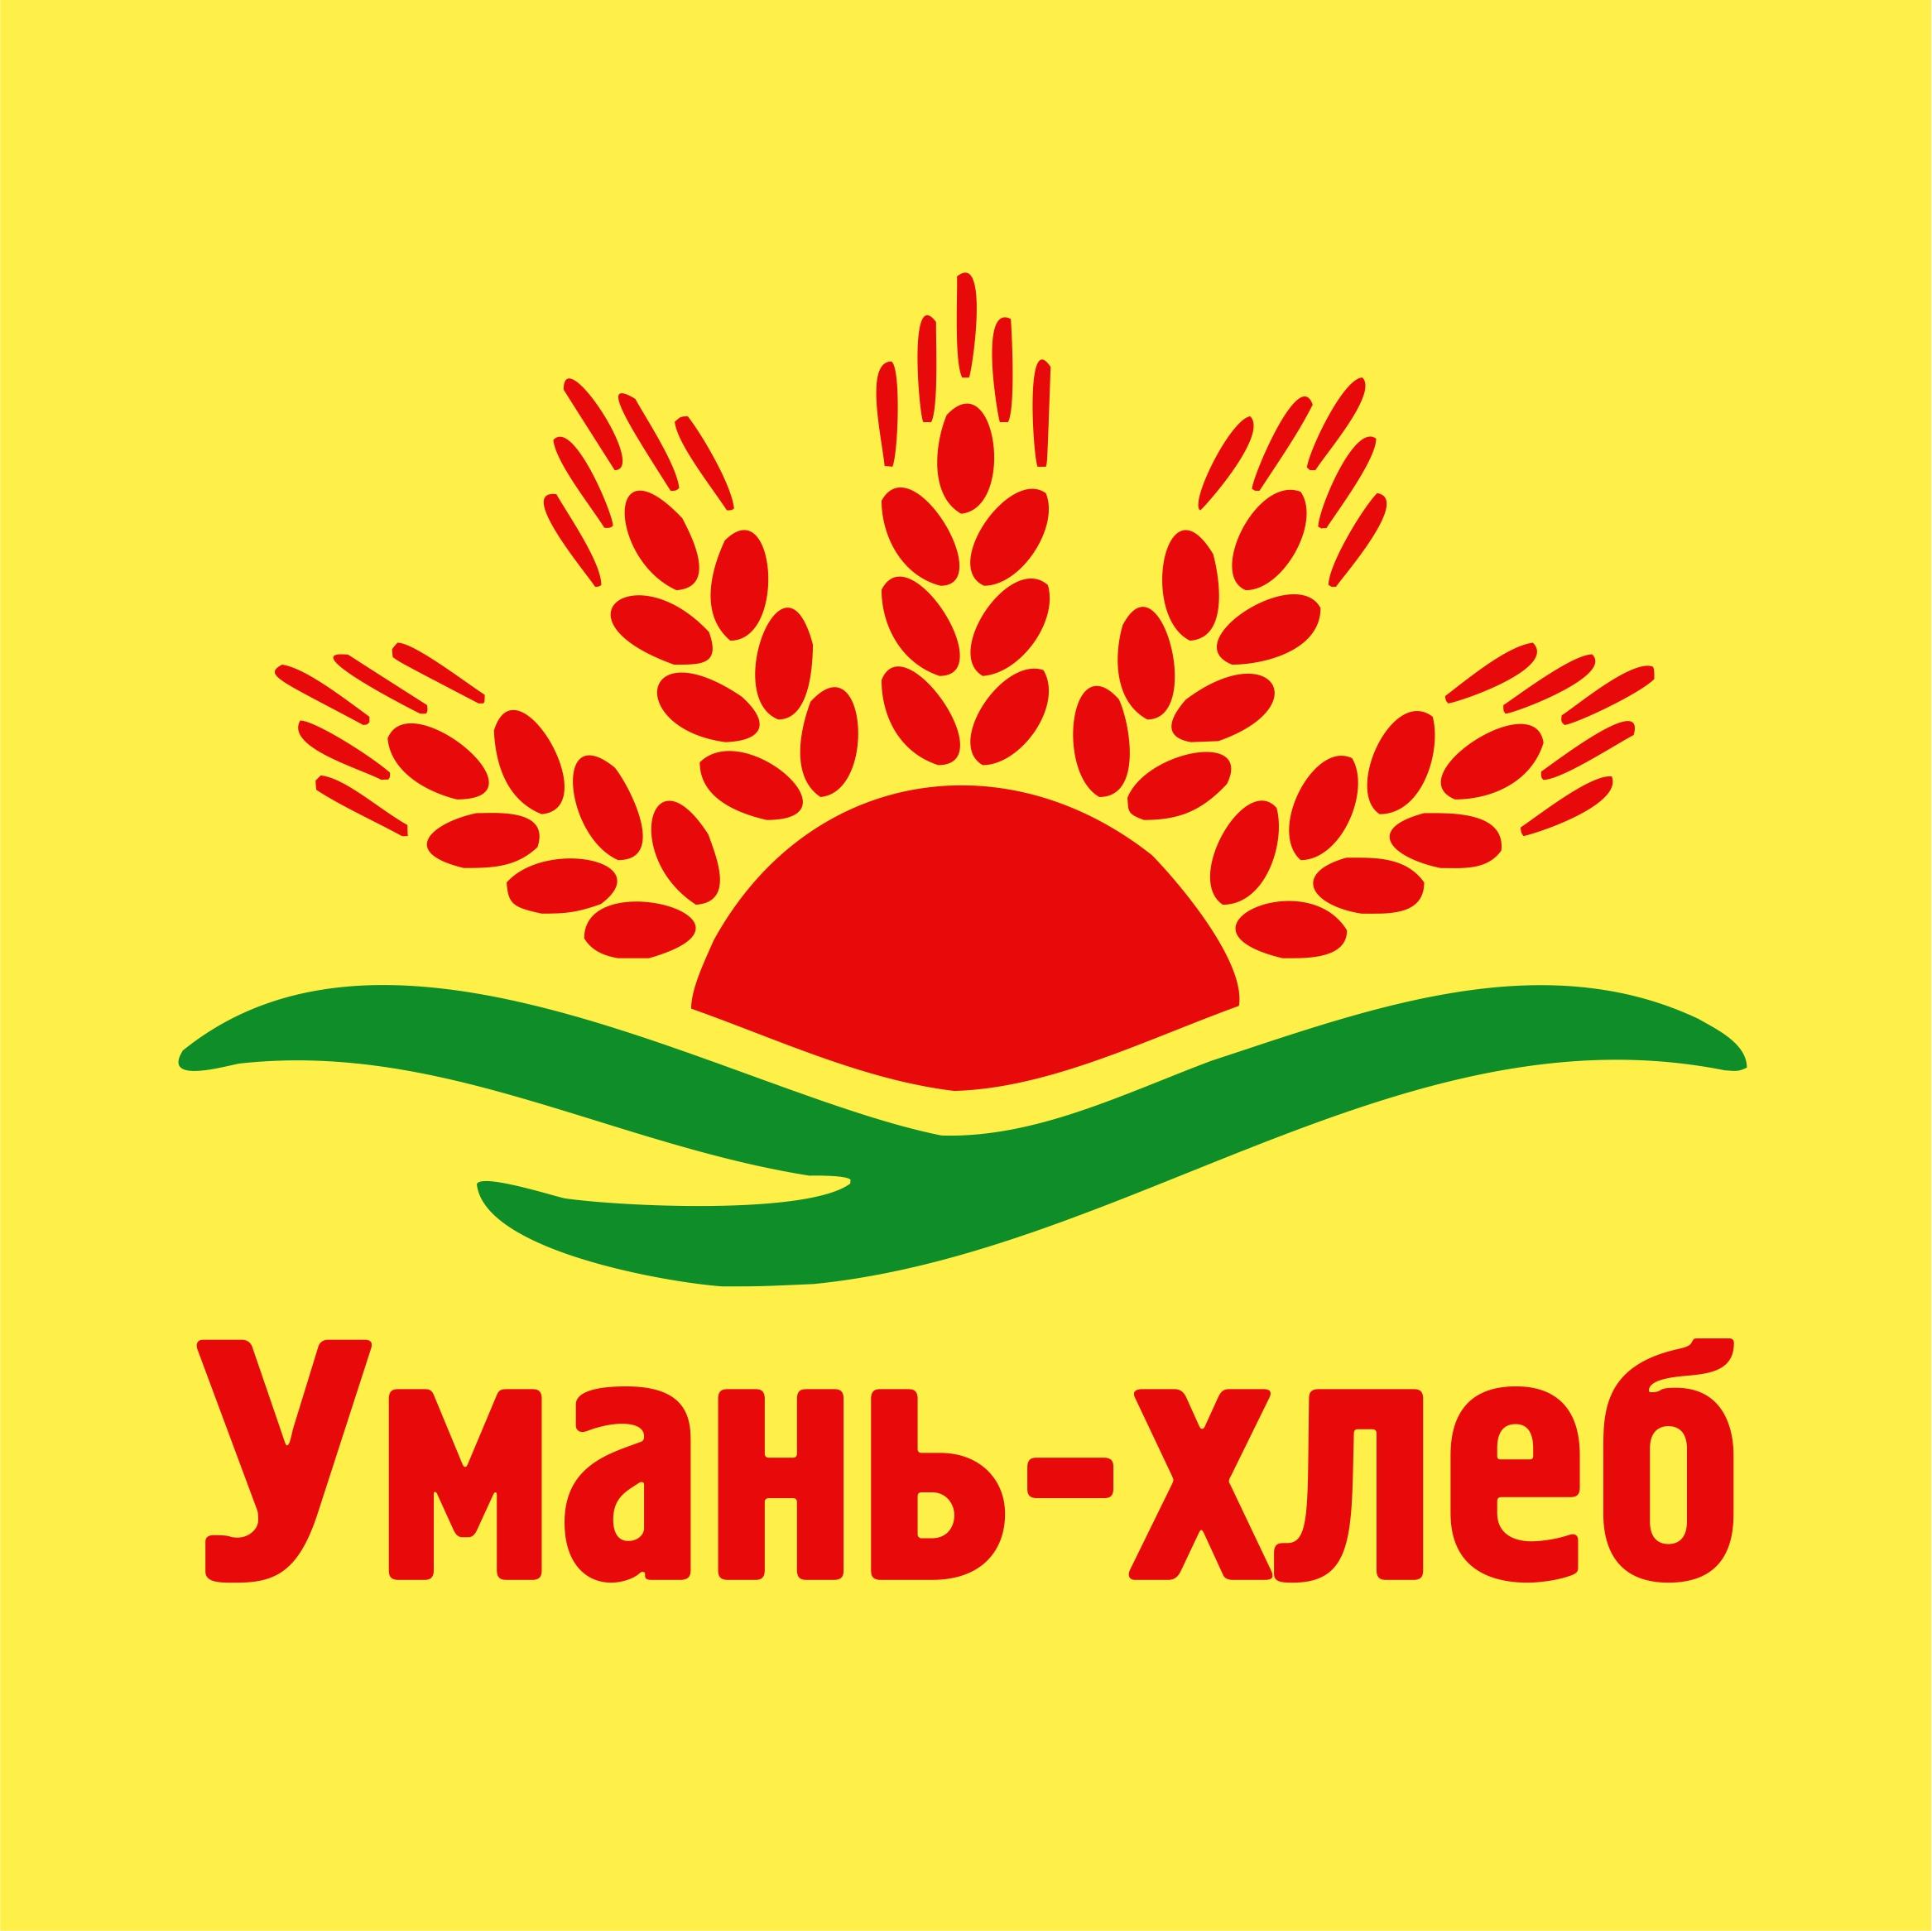 Общество с ограниченной ответственностью «Умань-хлеб», ИНН 2341012955